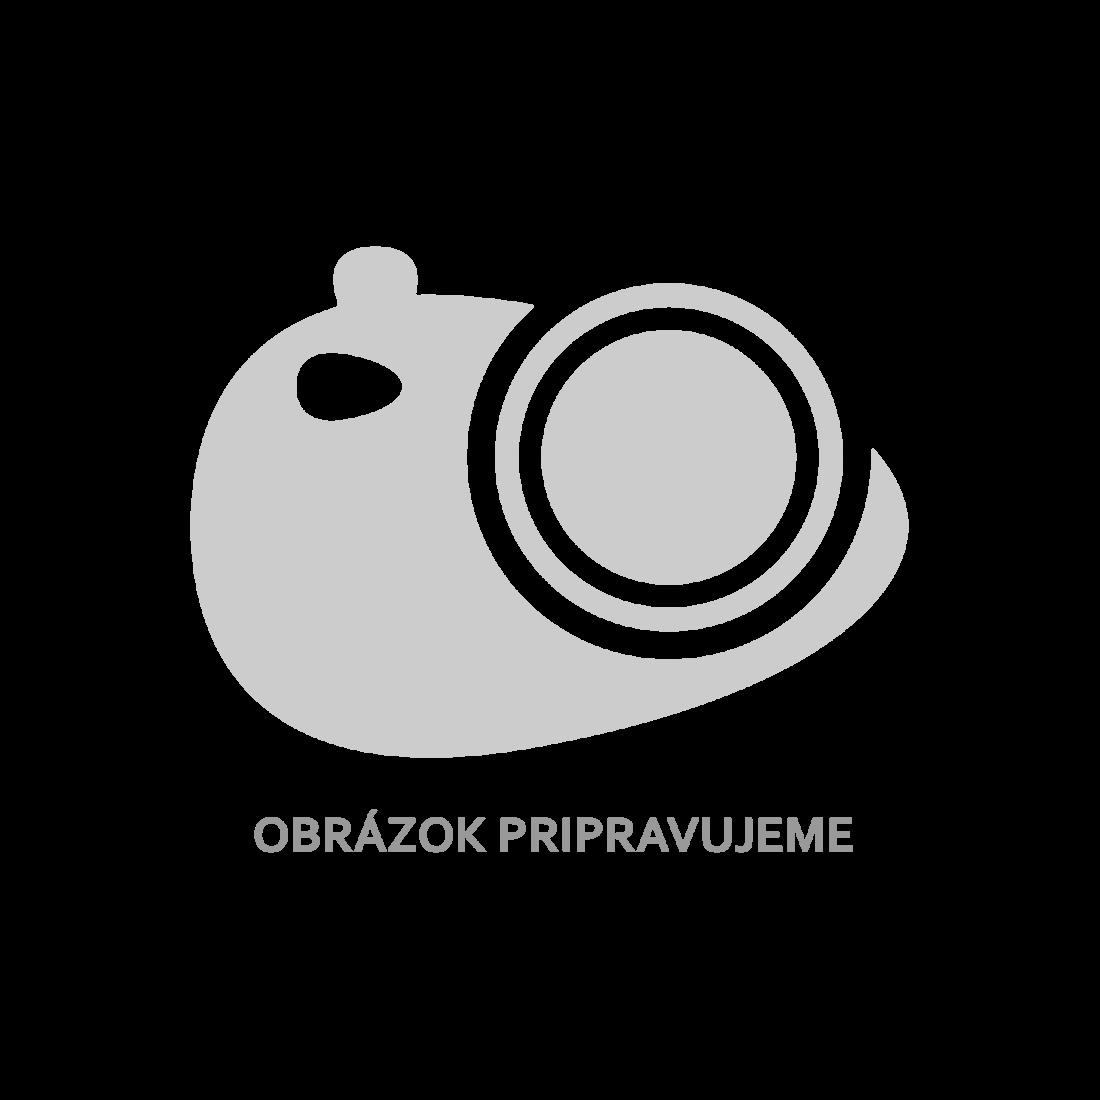 RVS nástenné vnútorné aj vonkajšie vodotesné svietidlo 11 x 35 cm